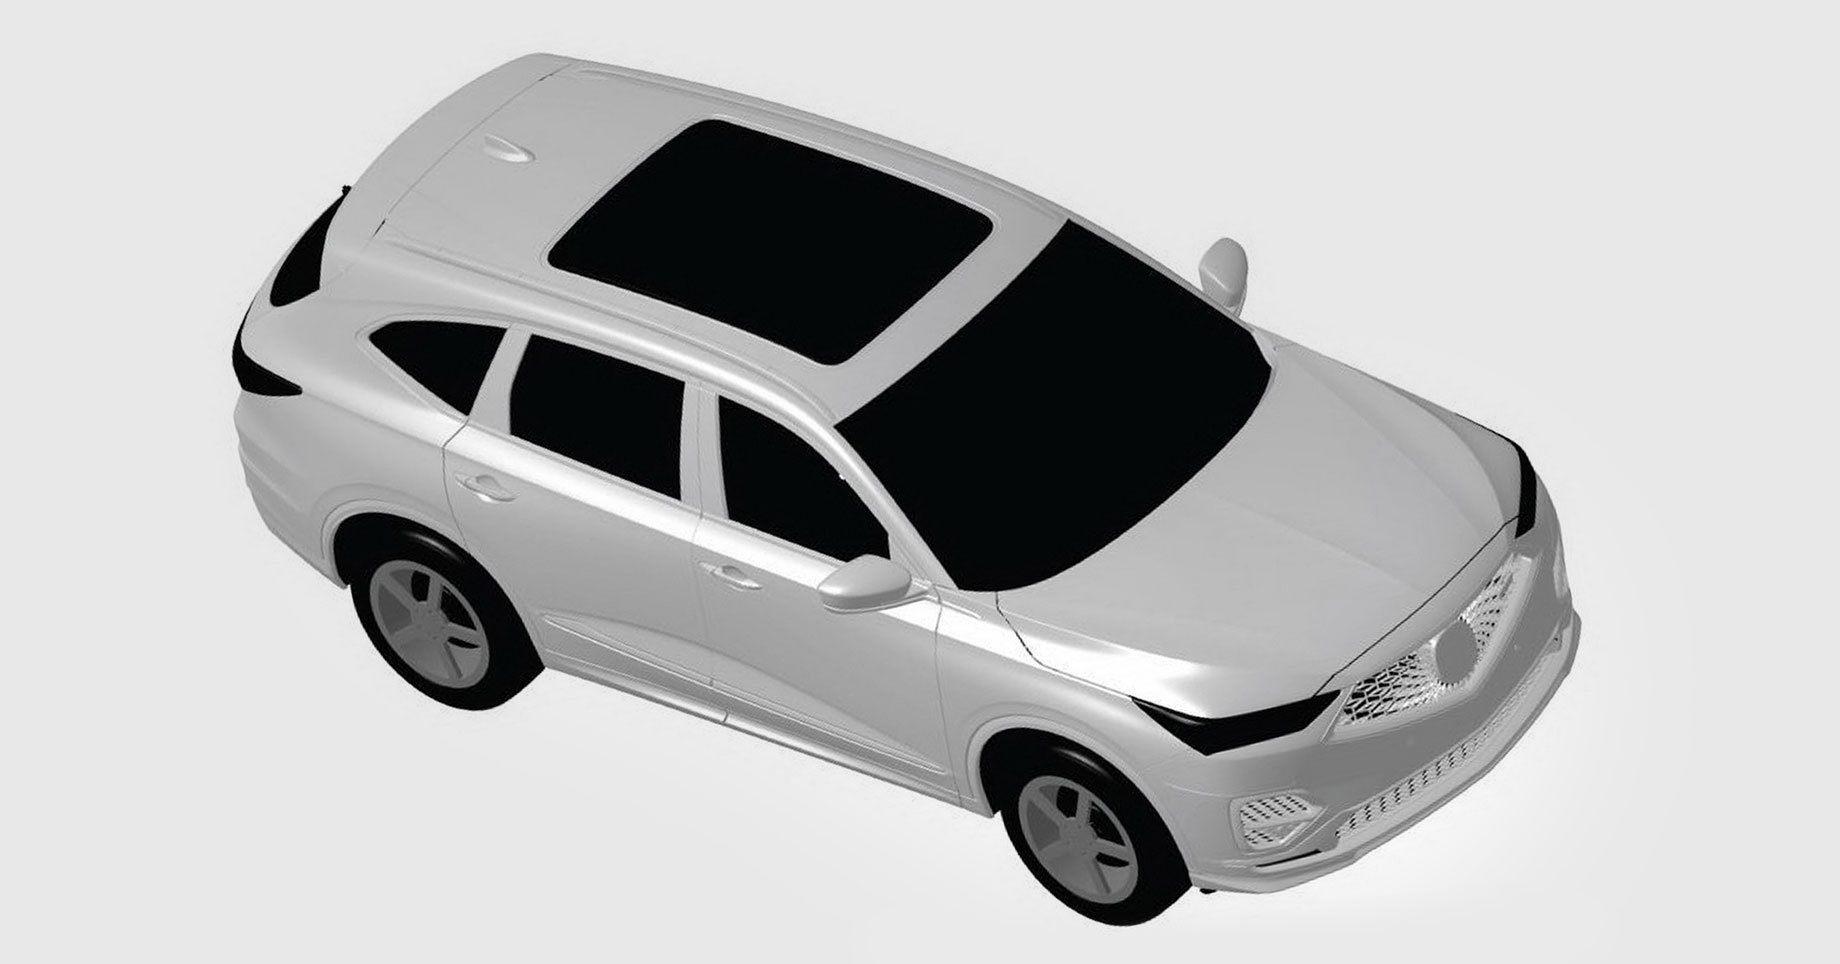 Нова Acura MDX дебютує як прототип